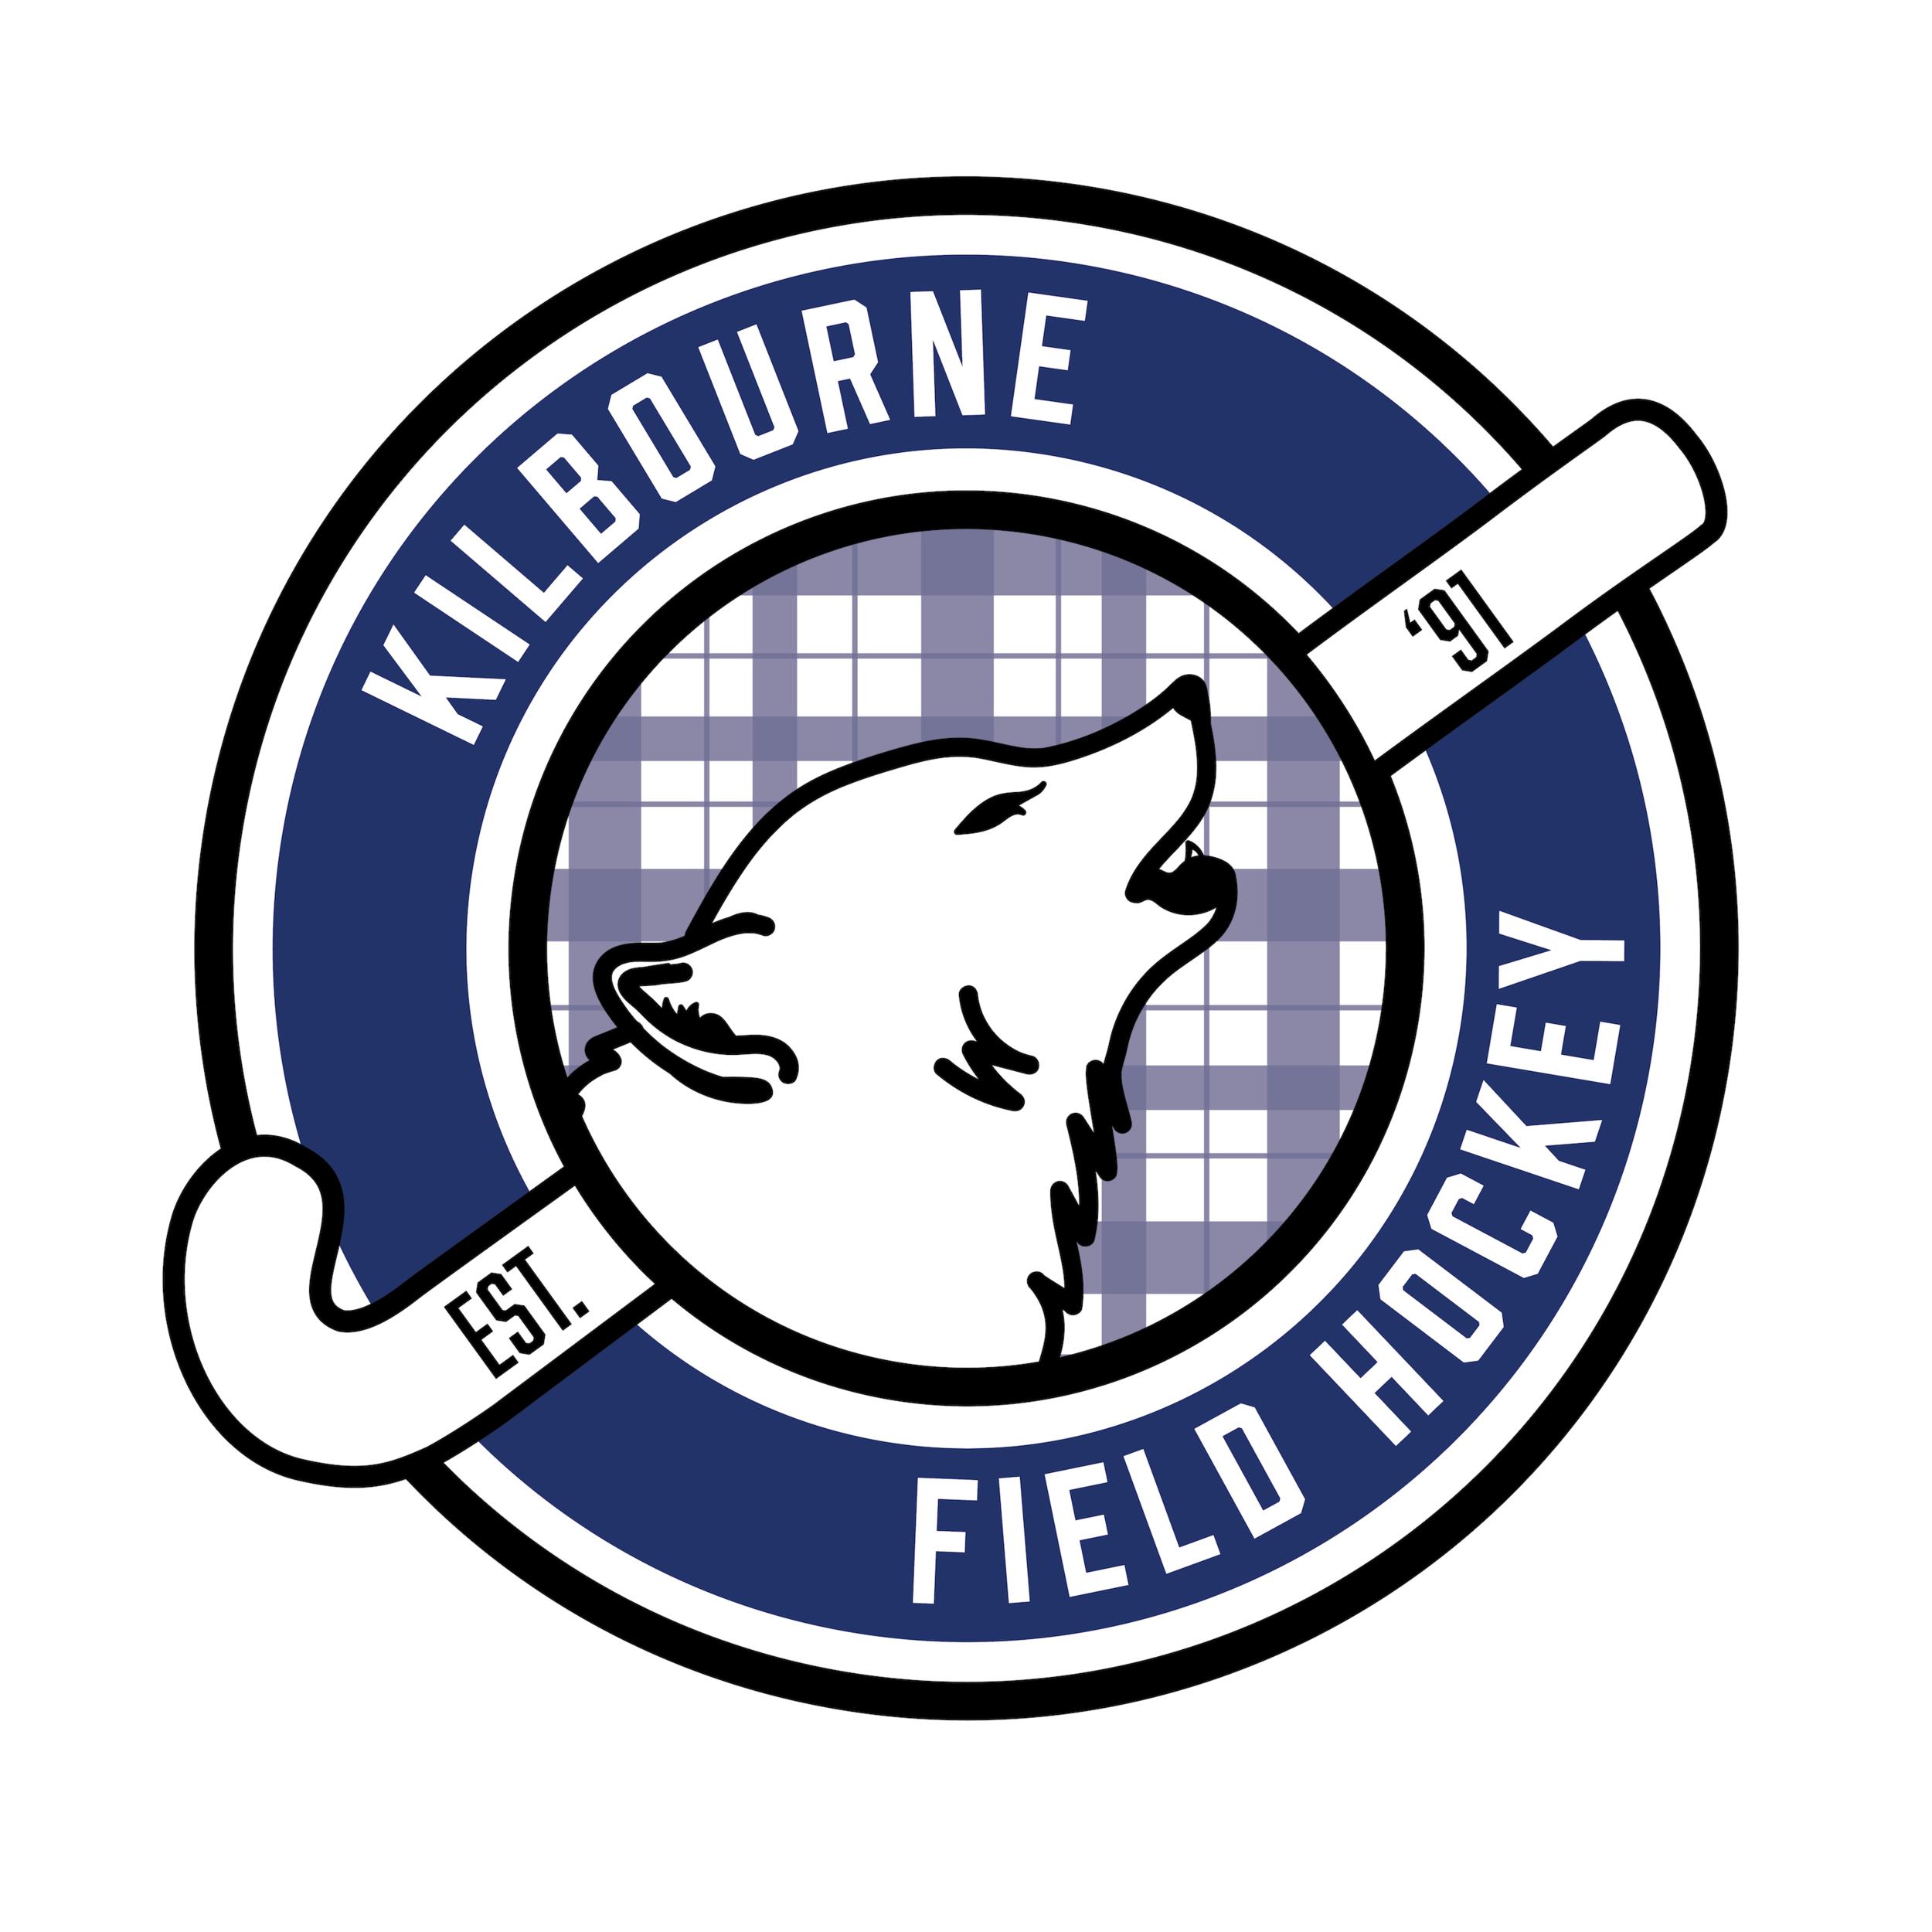 kilbourne fh-01 copy 3.png